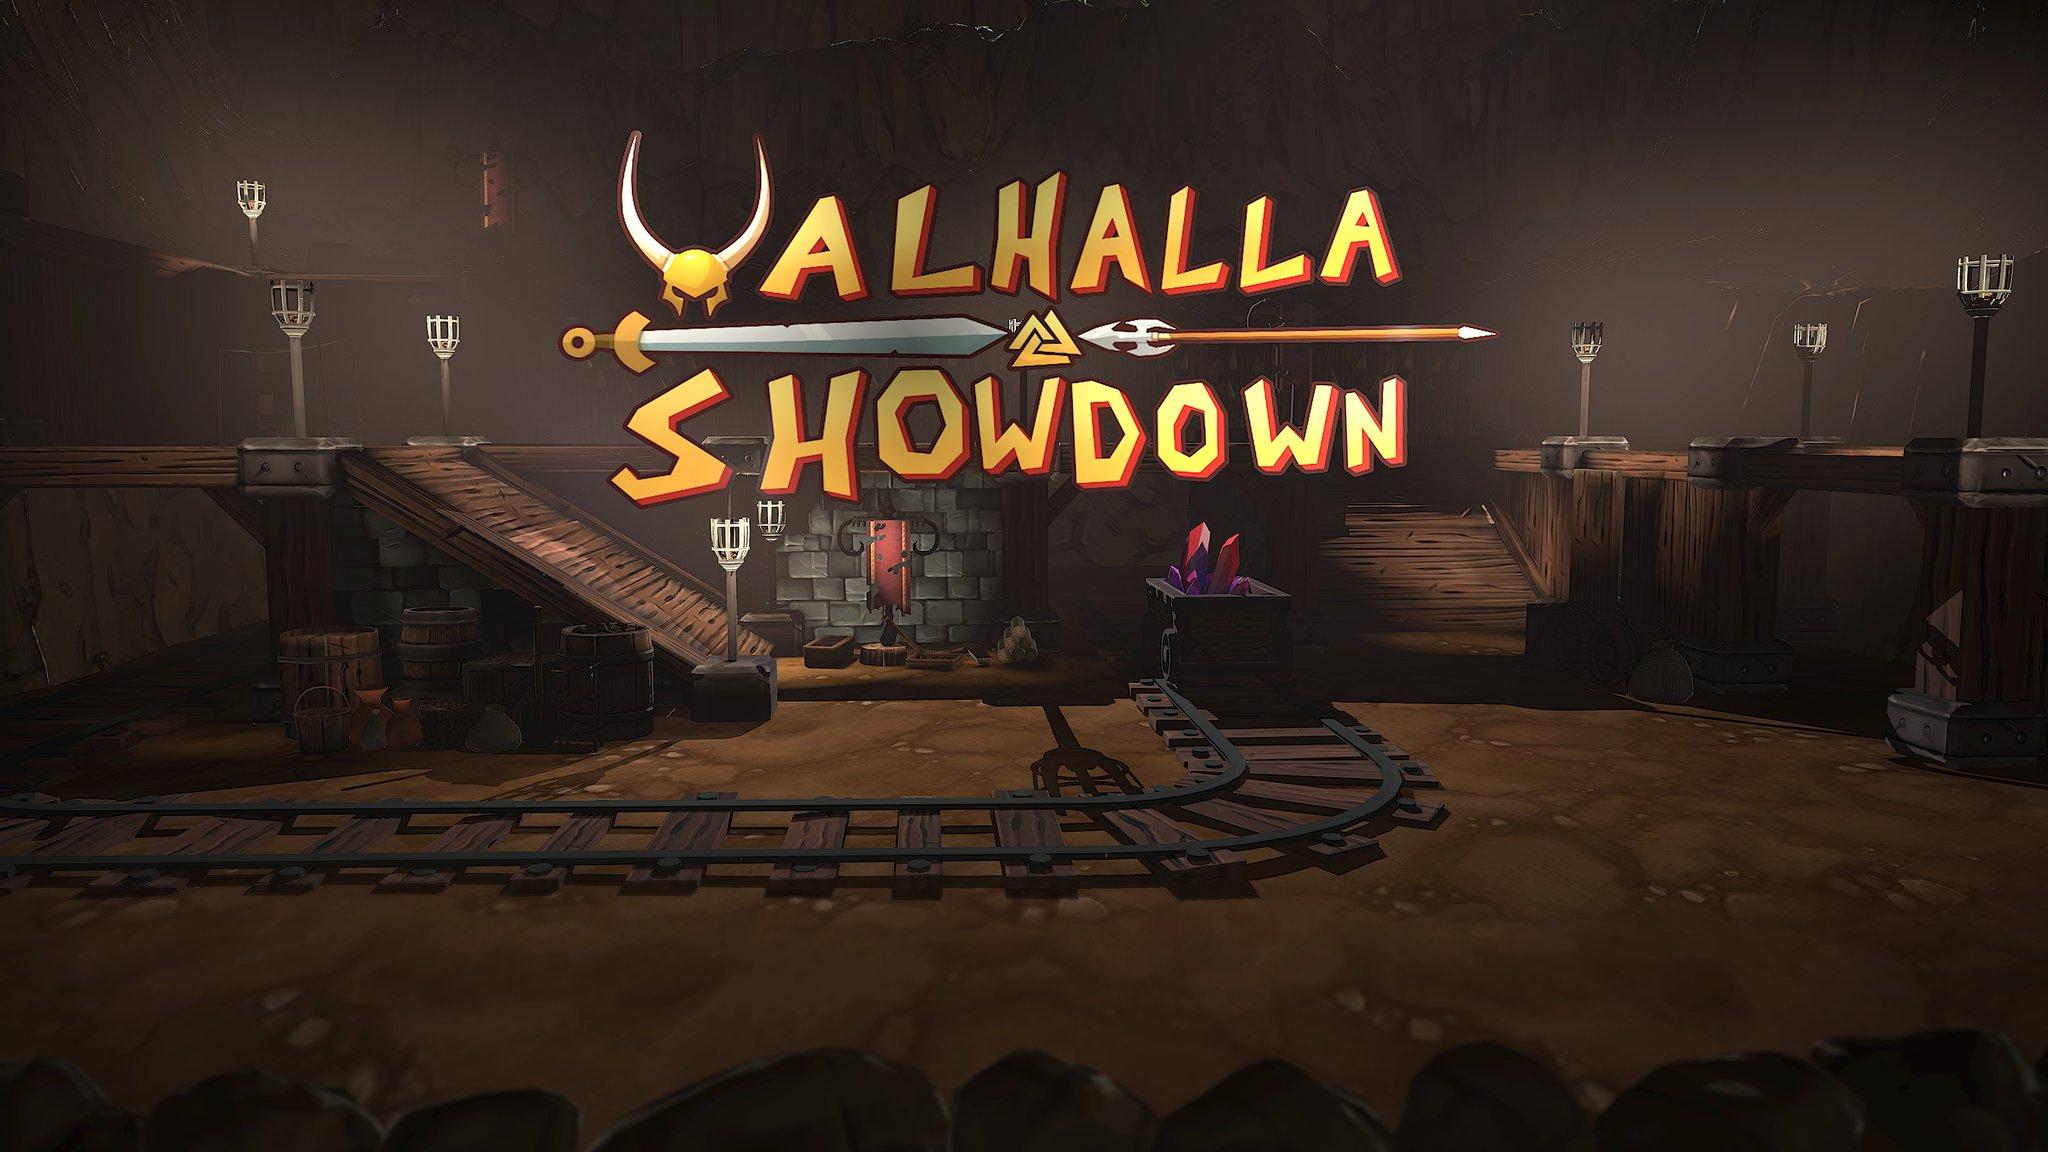 Valhalla showdown